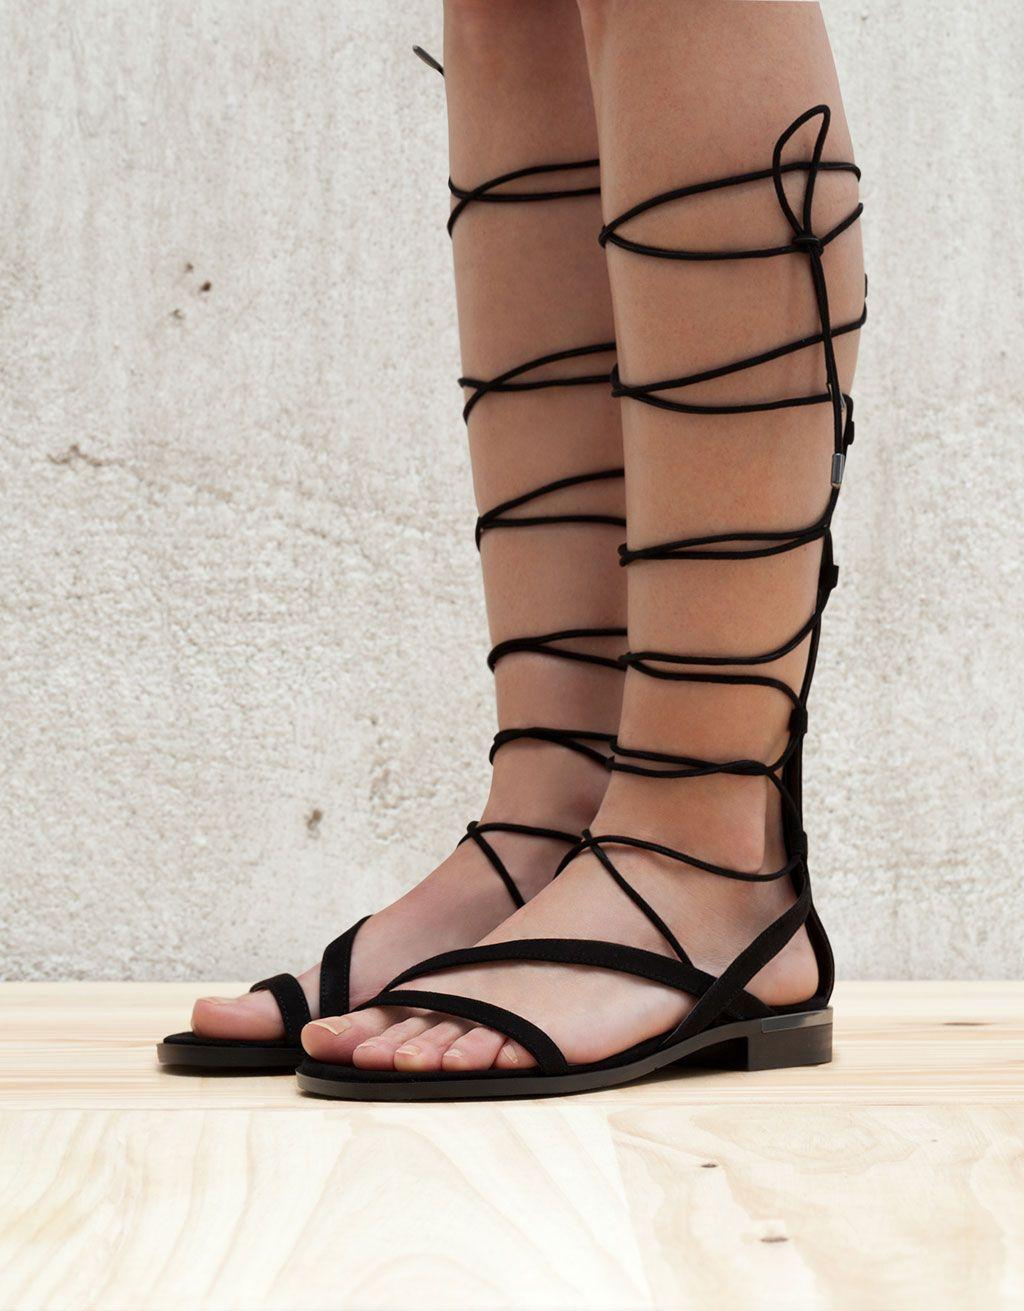 27d031e6 Sandalia Romana Alta | shoes | Sandalias romanas altas, Bershka y ...